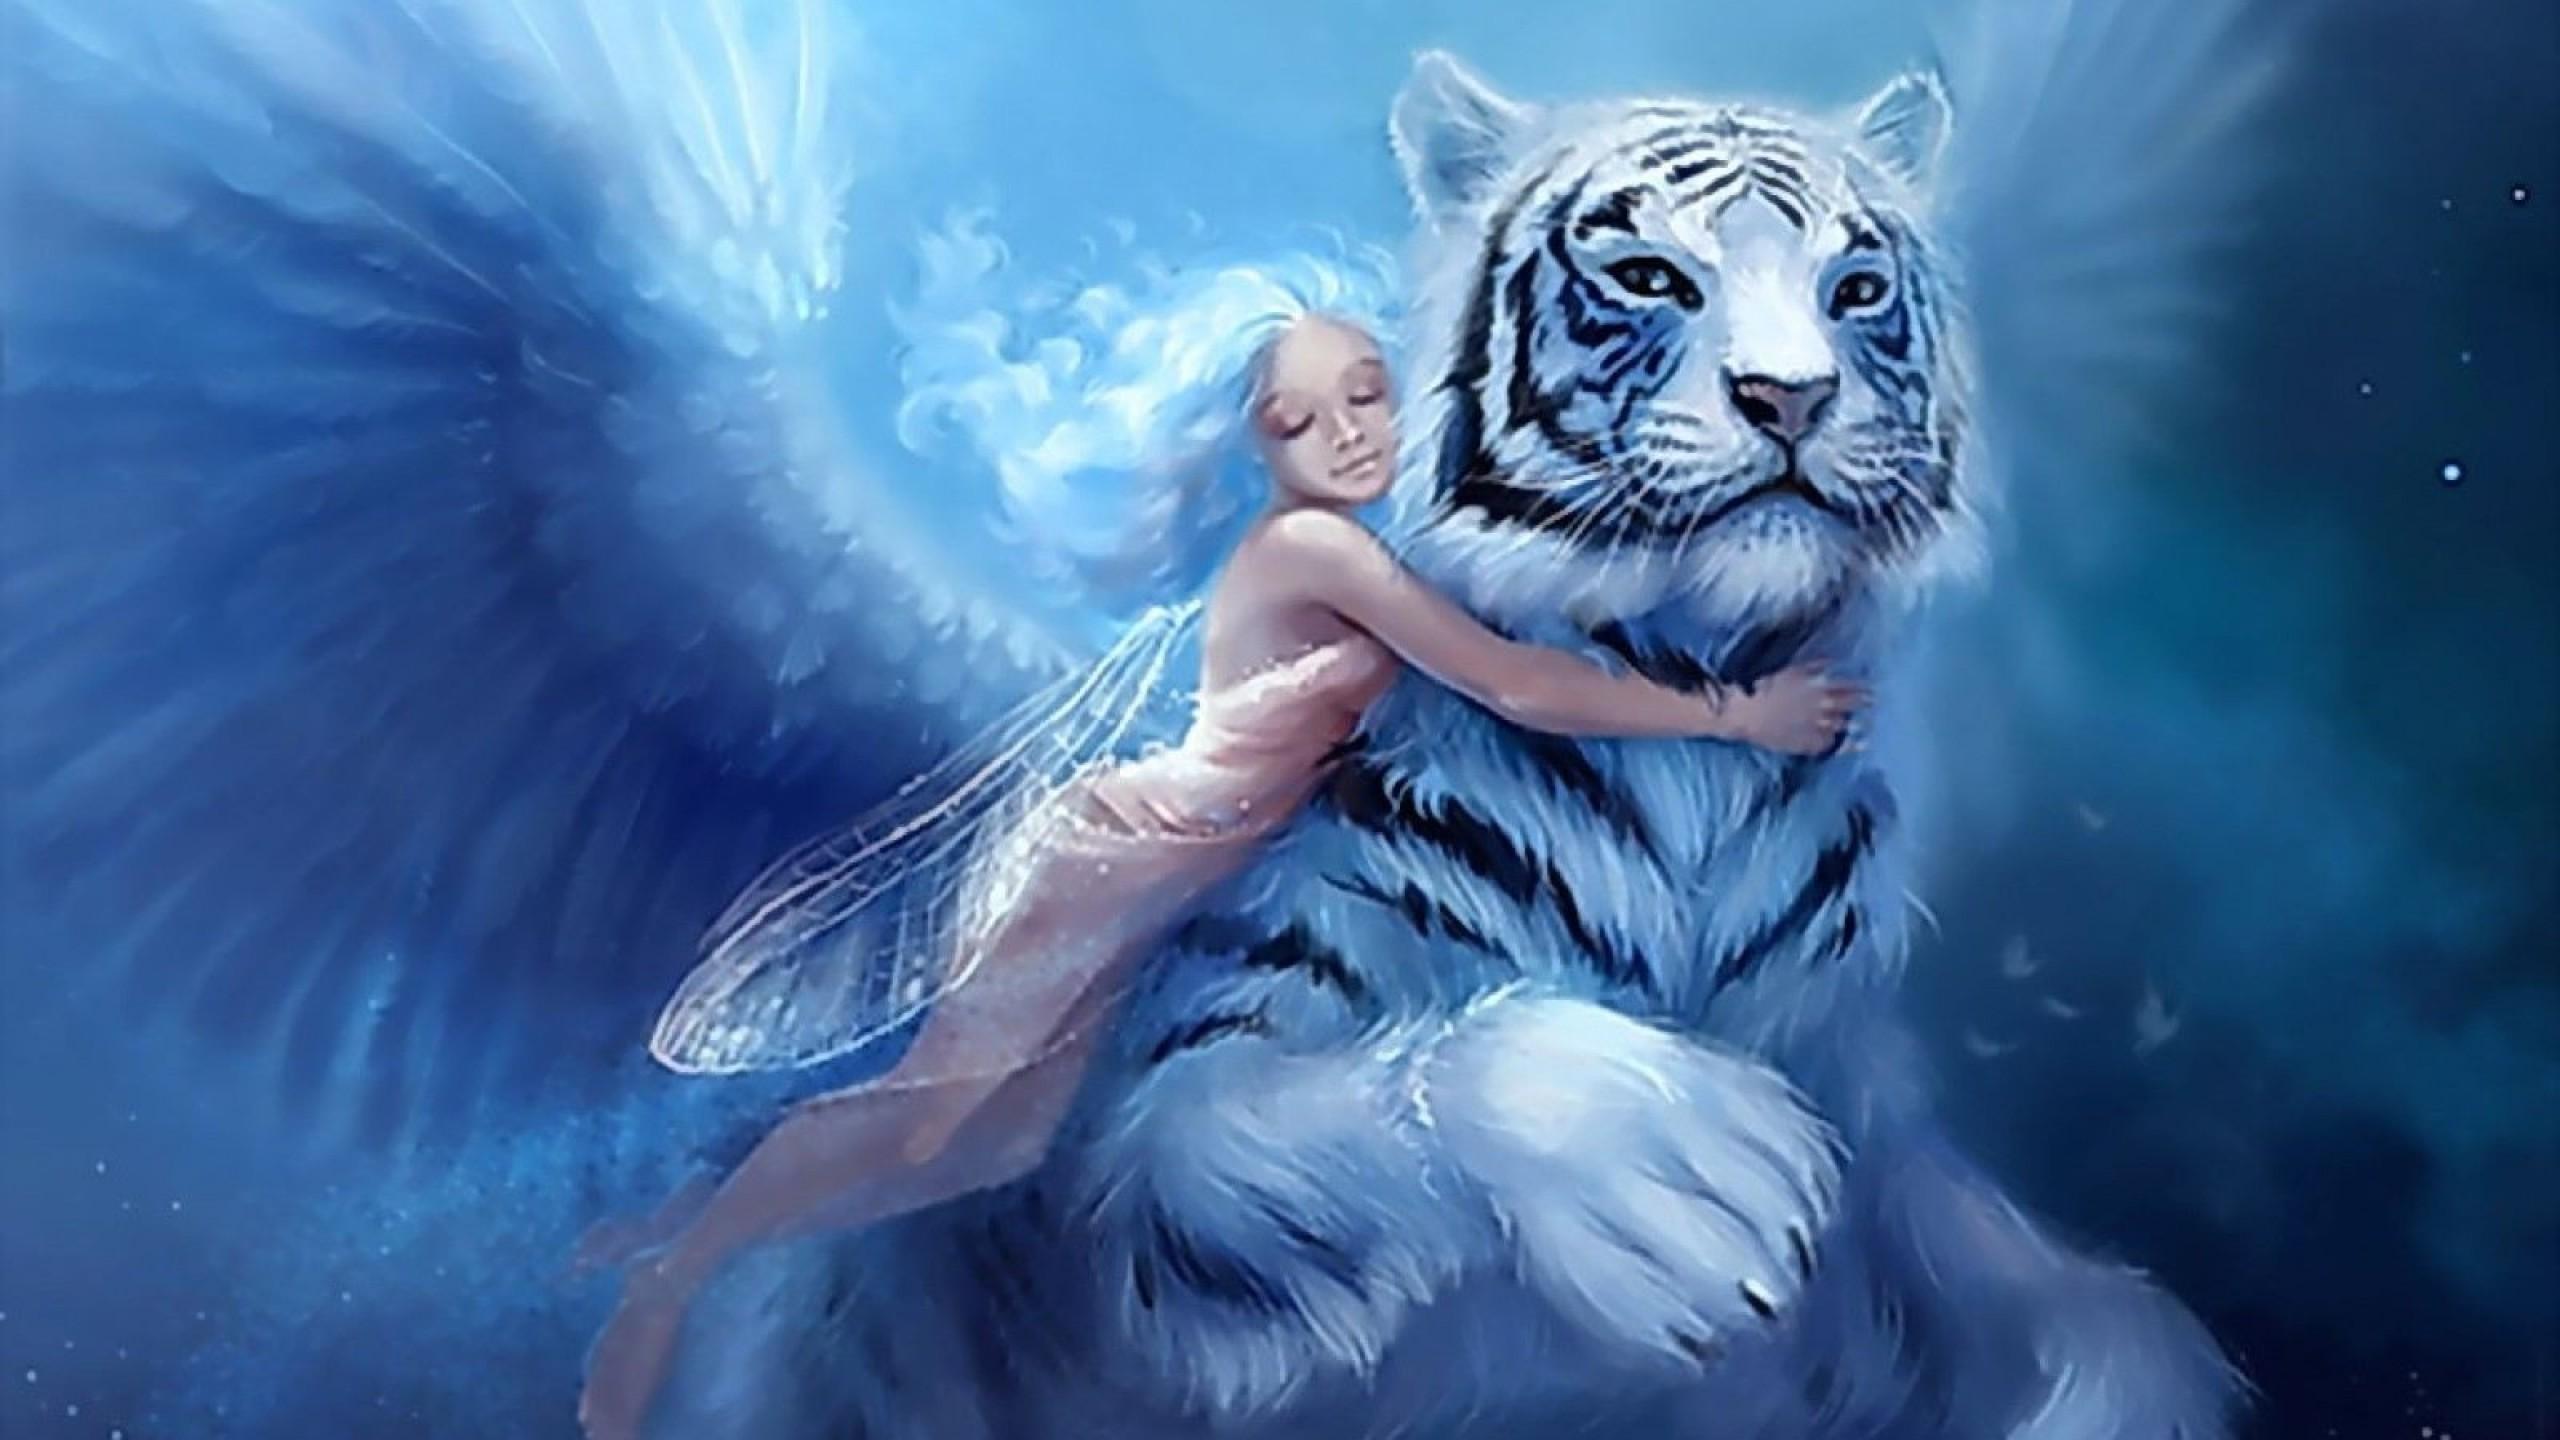 Fantasy   Fantasy Wallpaper 34382849 2560x1440